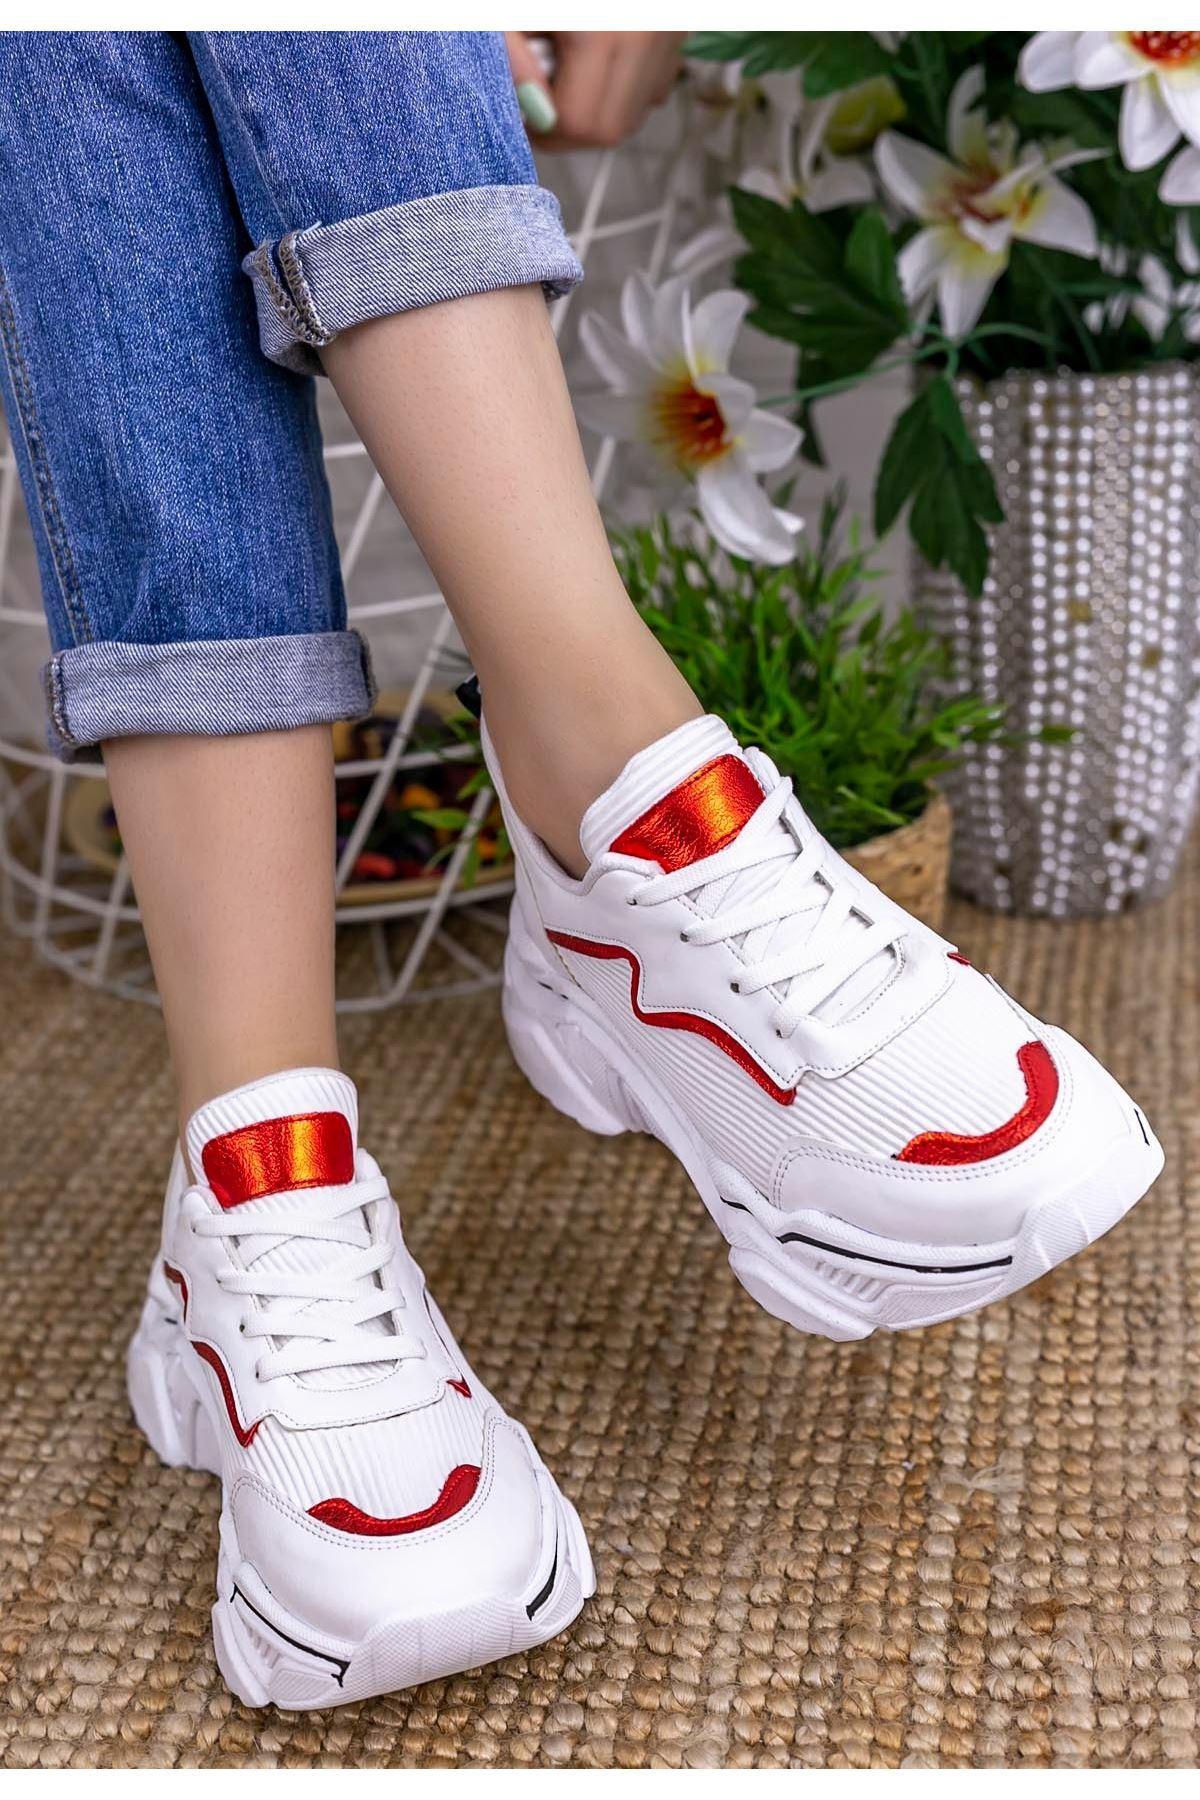 Vira  Beyaz Cilt Kırmızı Siyah Detaylı Spor Ayakkabı